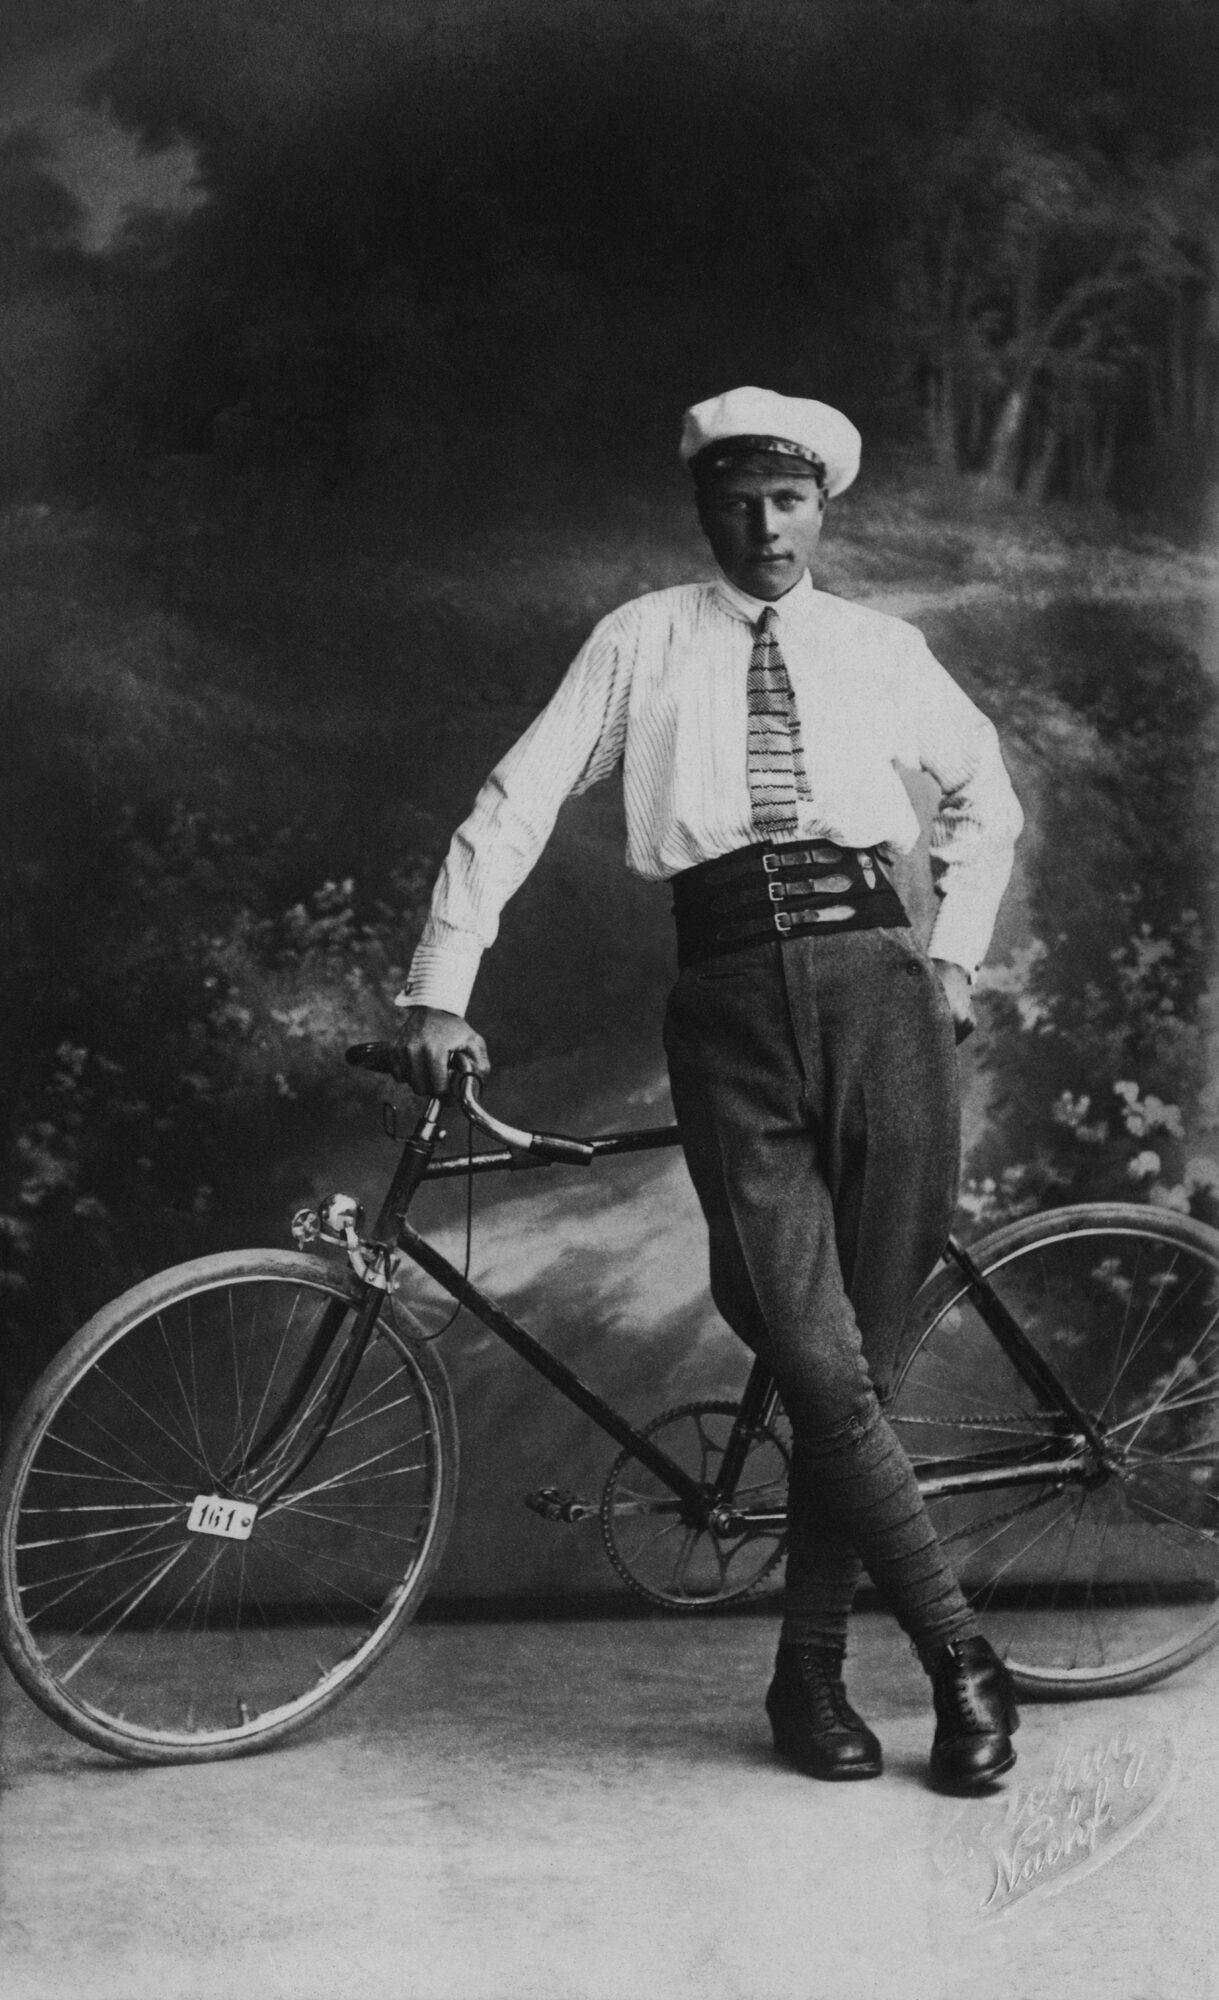 Liepājas muzejā atvērs izstādi par velosipēdu un velobraucēju modi